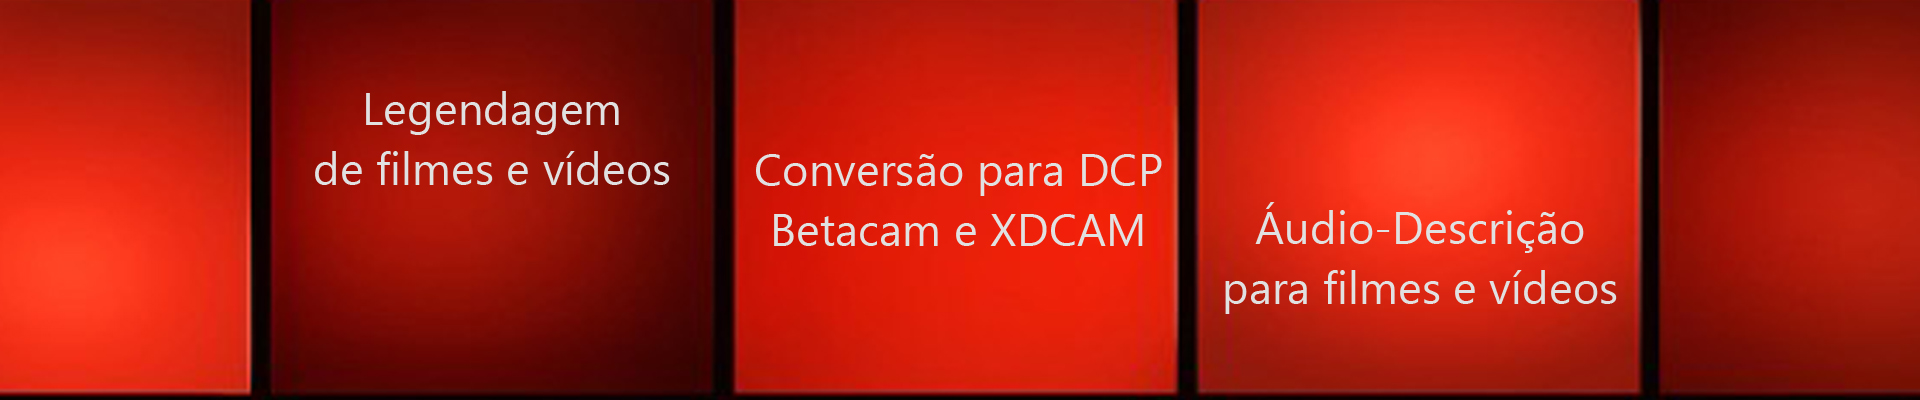 Legenda e DCP